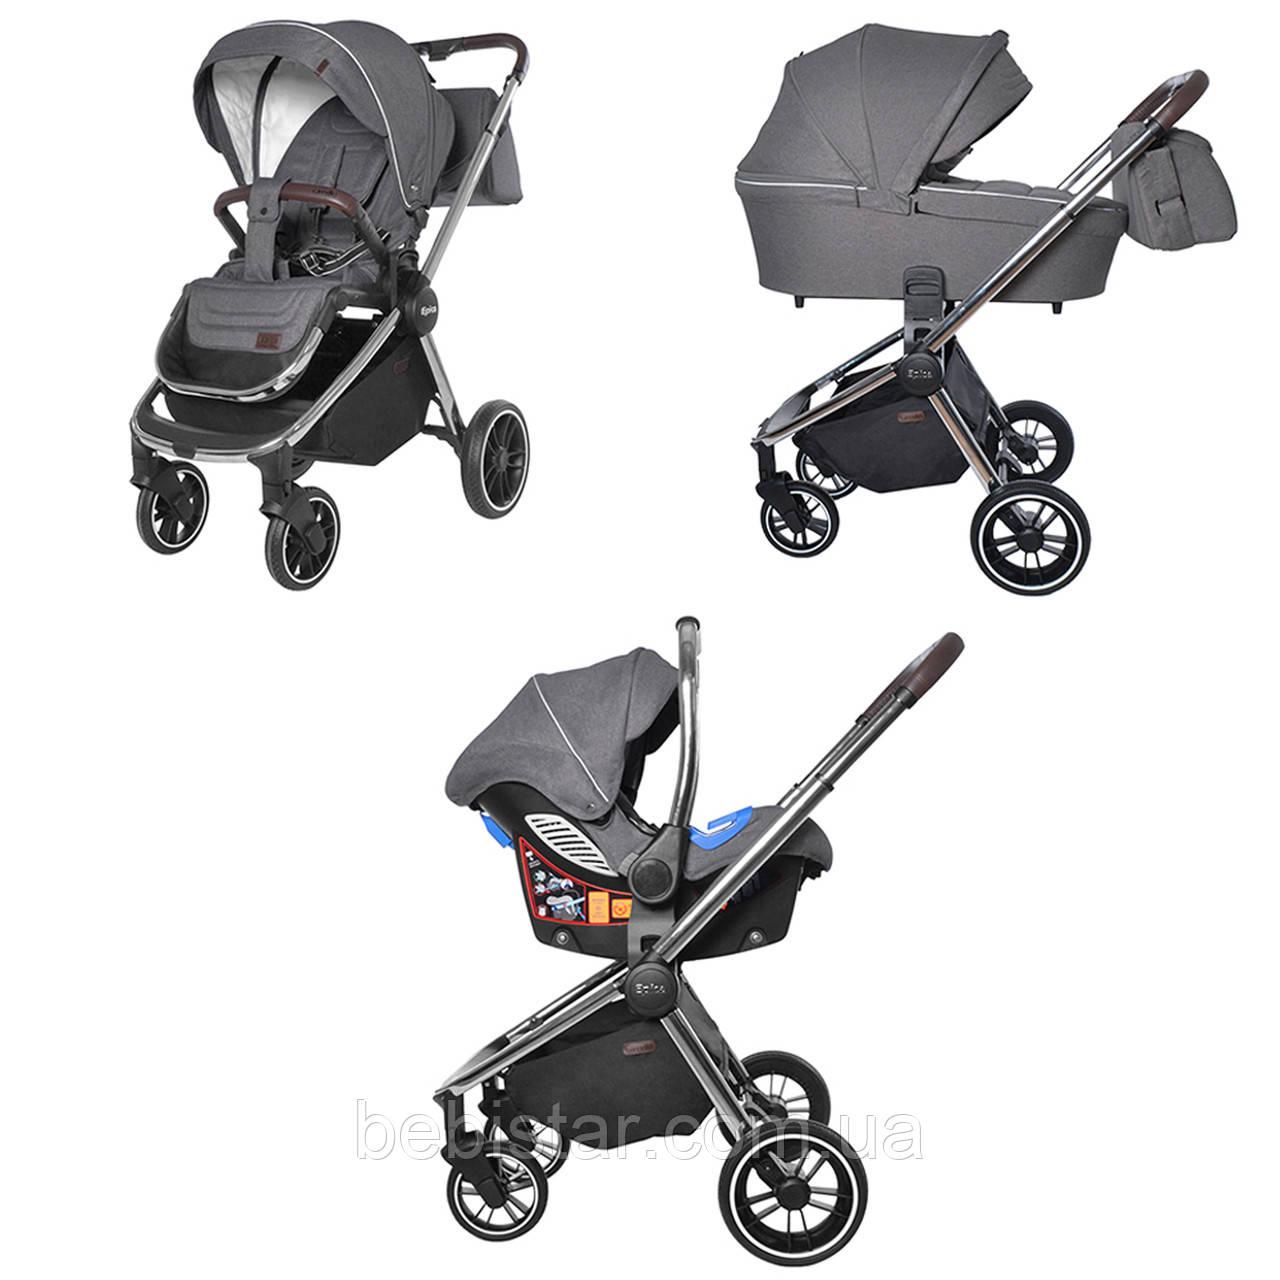 Универсальная коляска 3в1 серая с автокреслом и дождевиком CARRELLO Epica CRL-8515 Iron Grey от рождения